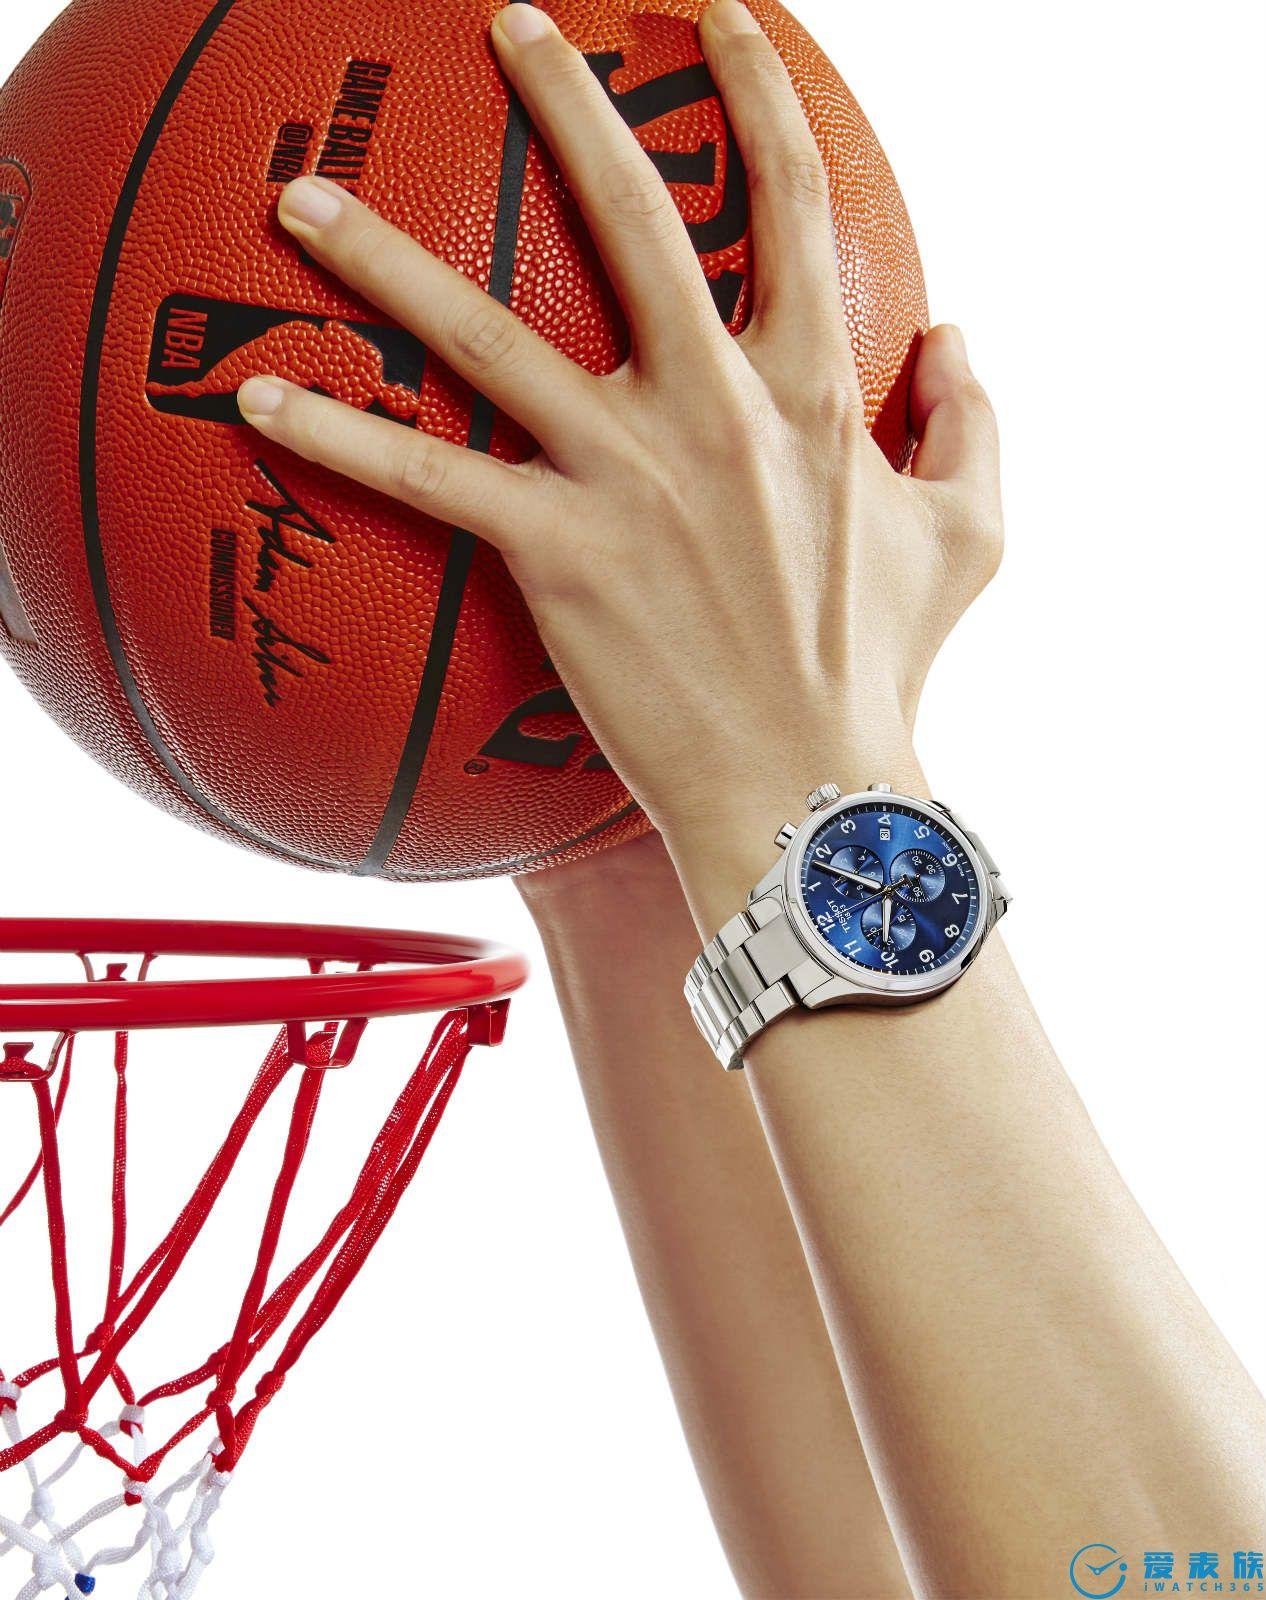 此刻·由我 TISSOT天梭表将篮球运动融入时尚生活 点燃腕间夏日狂热